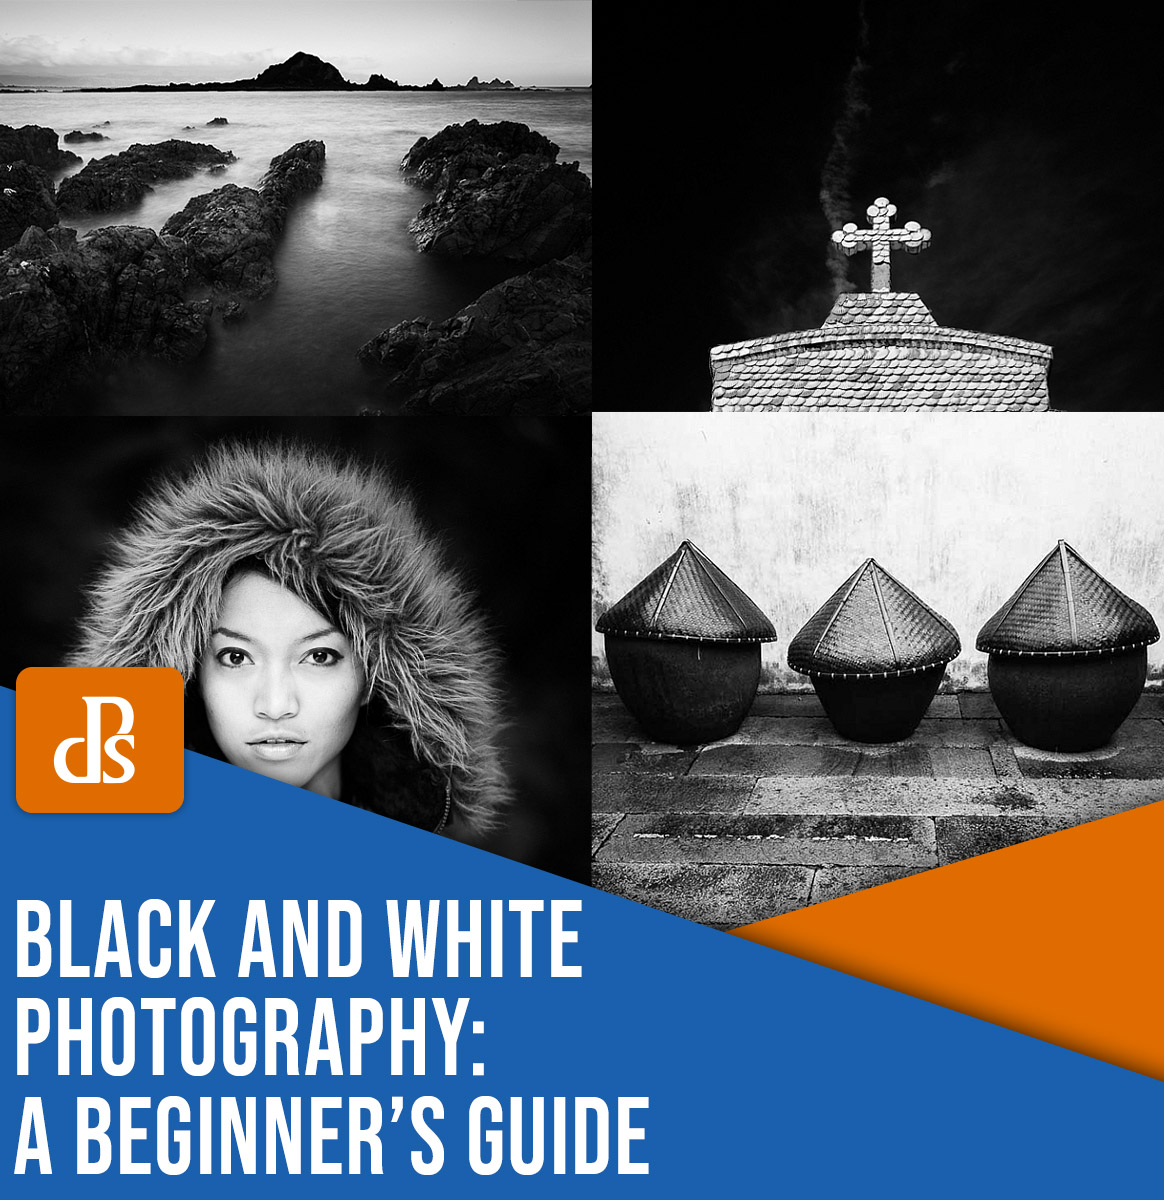 fotografia em preto e branco, um guia para iniciantes